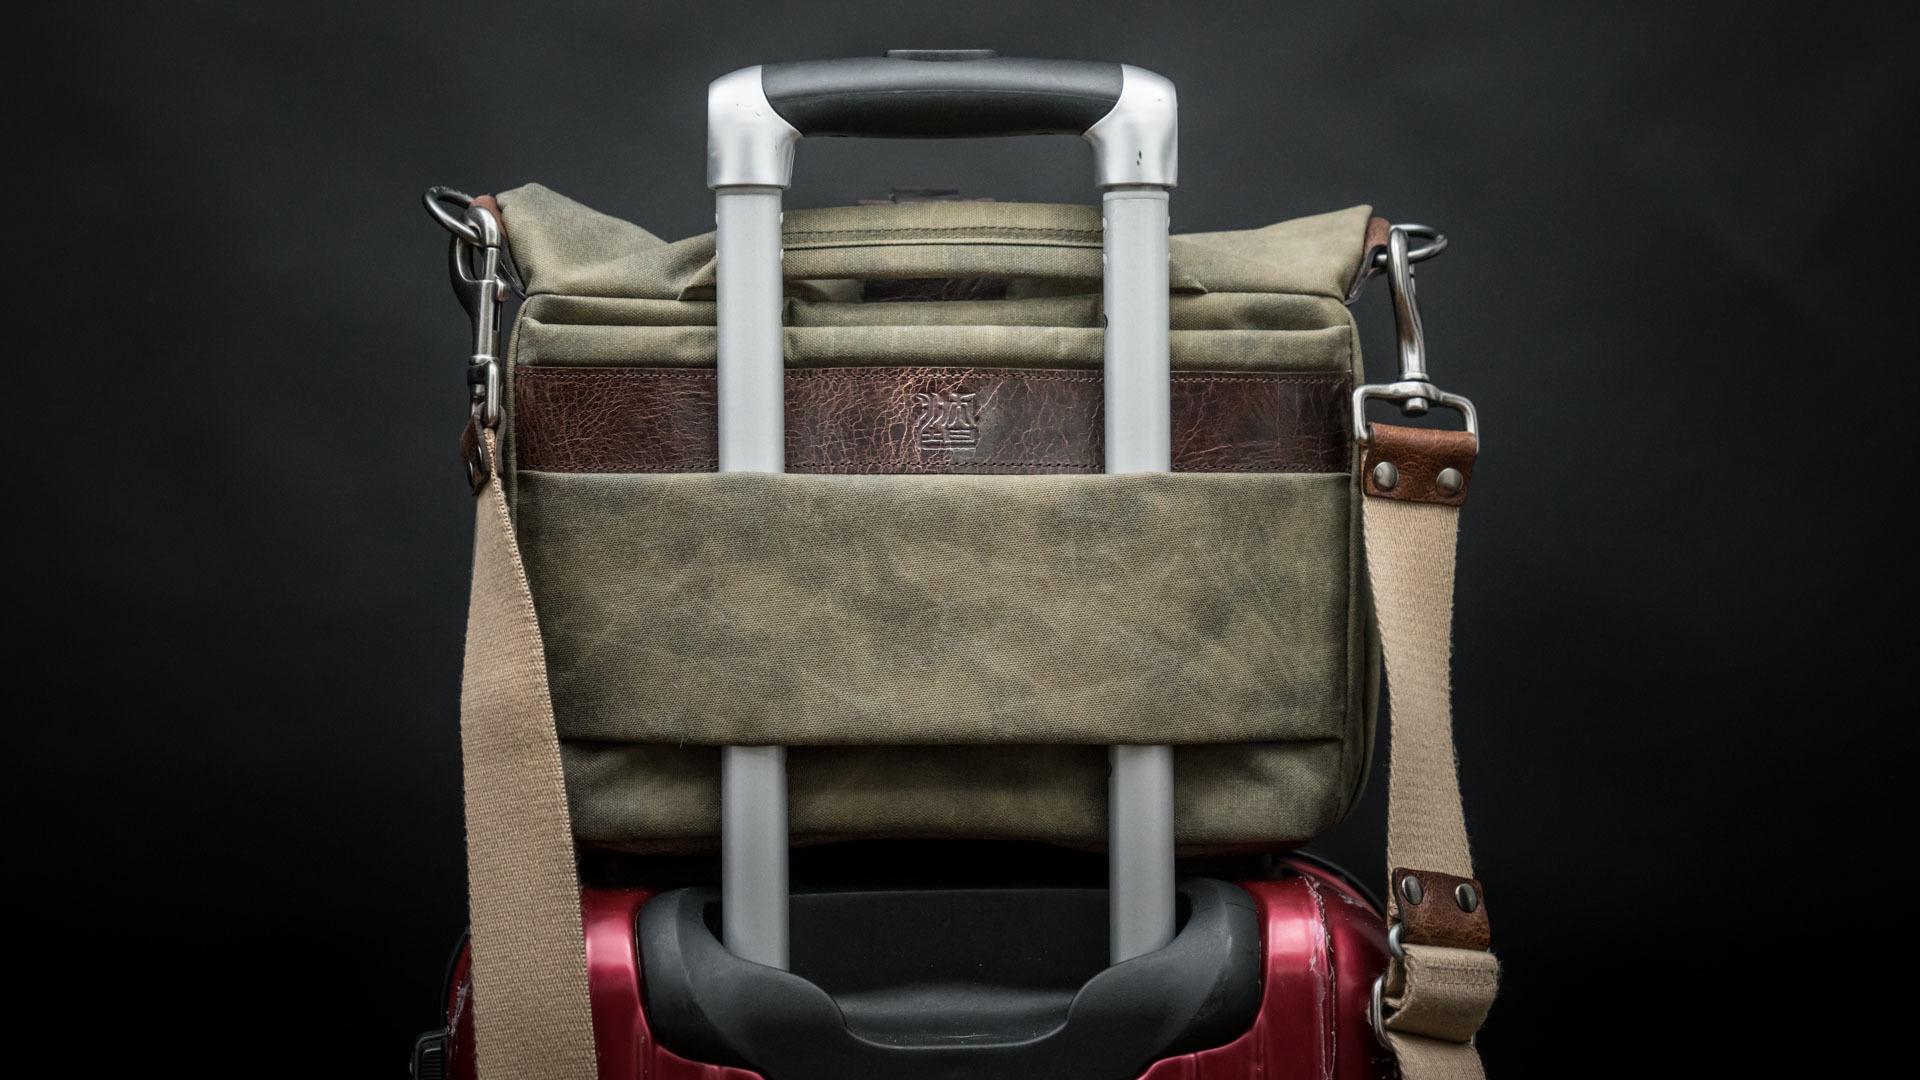 Mounted on luggage handle bar.